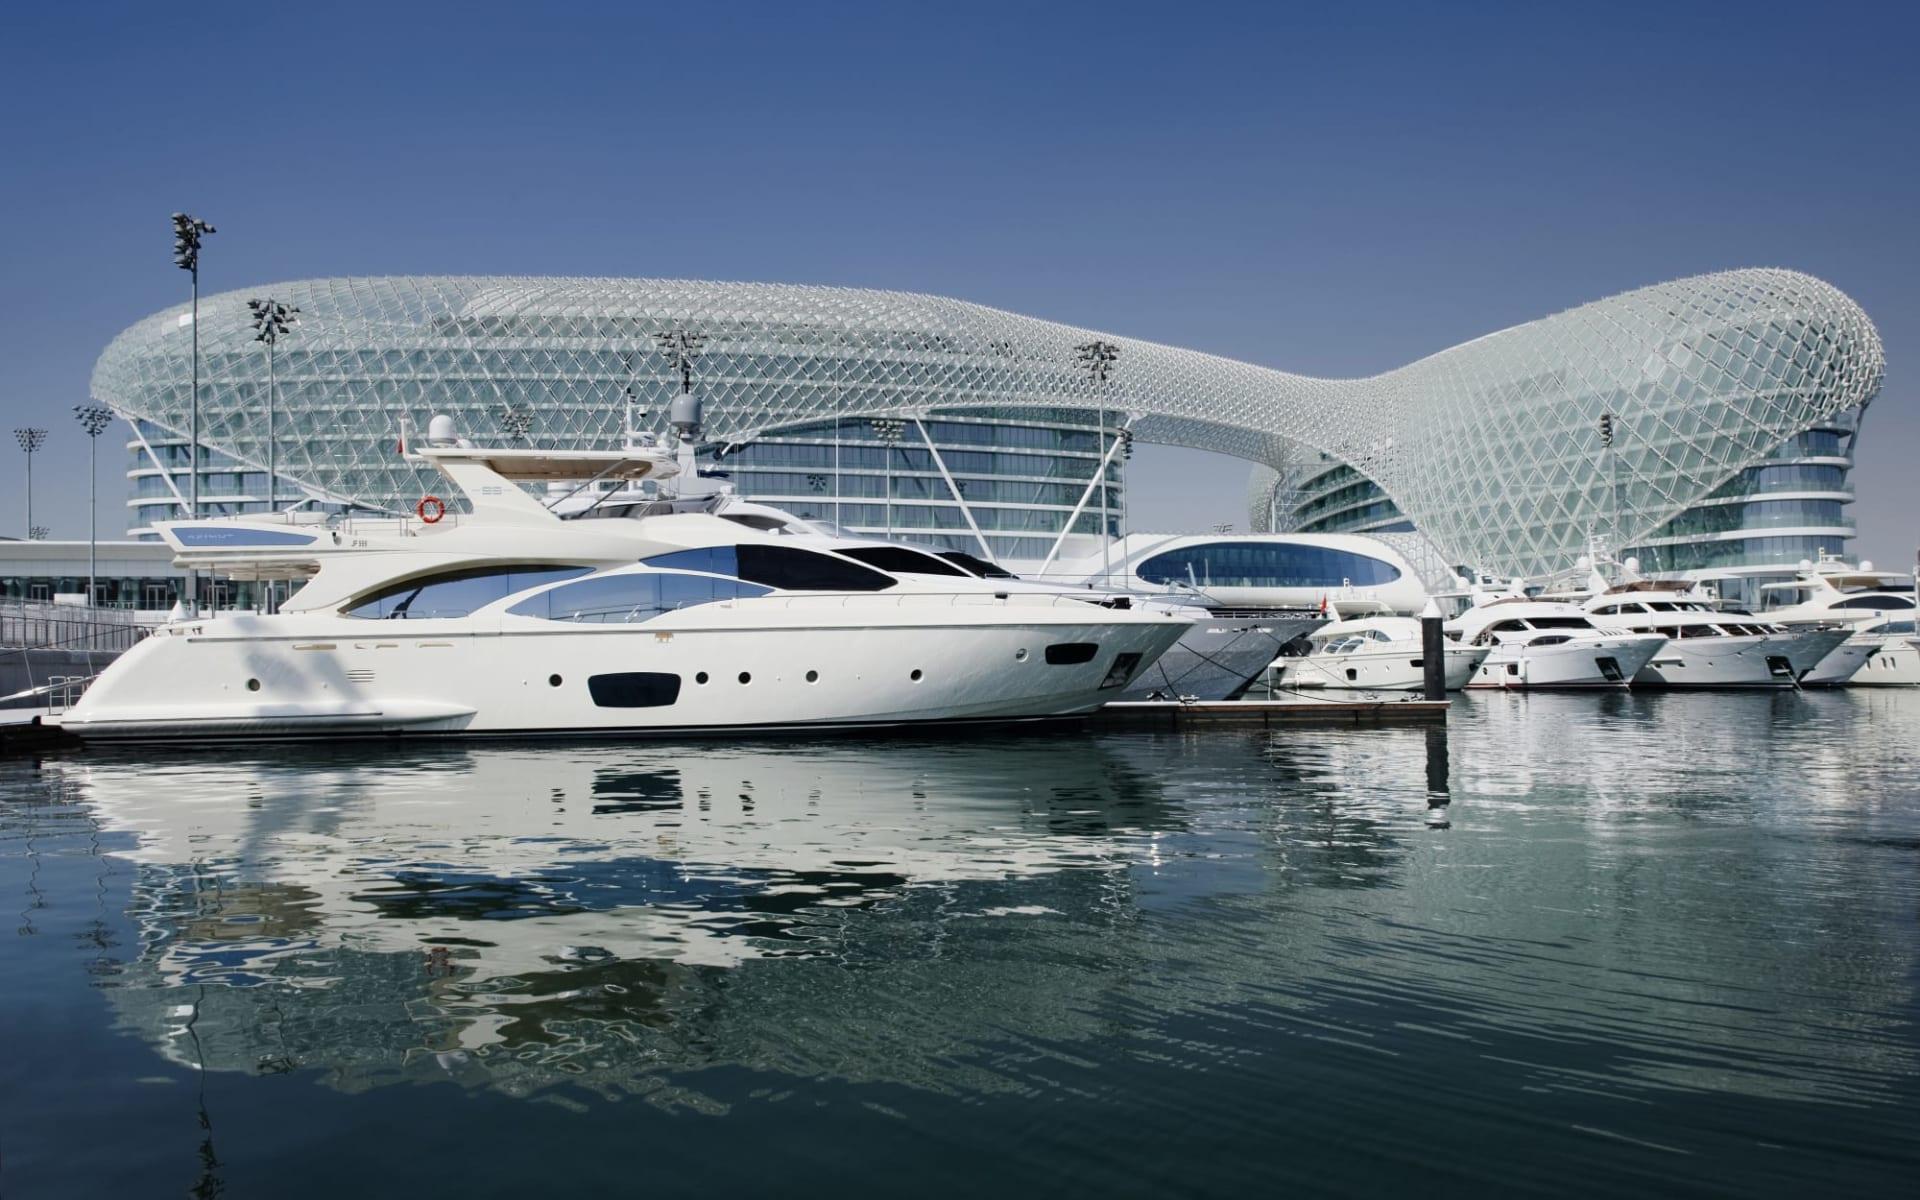 W Abu Dhabi - Yas Island: